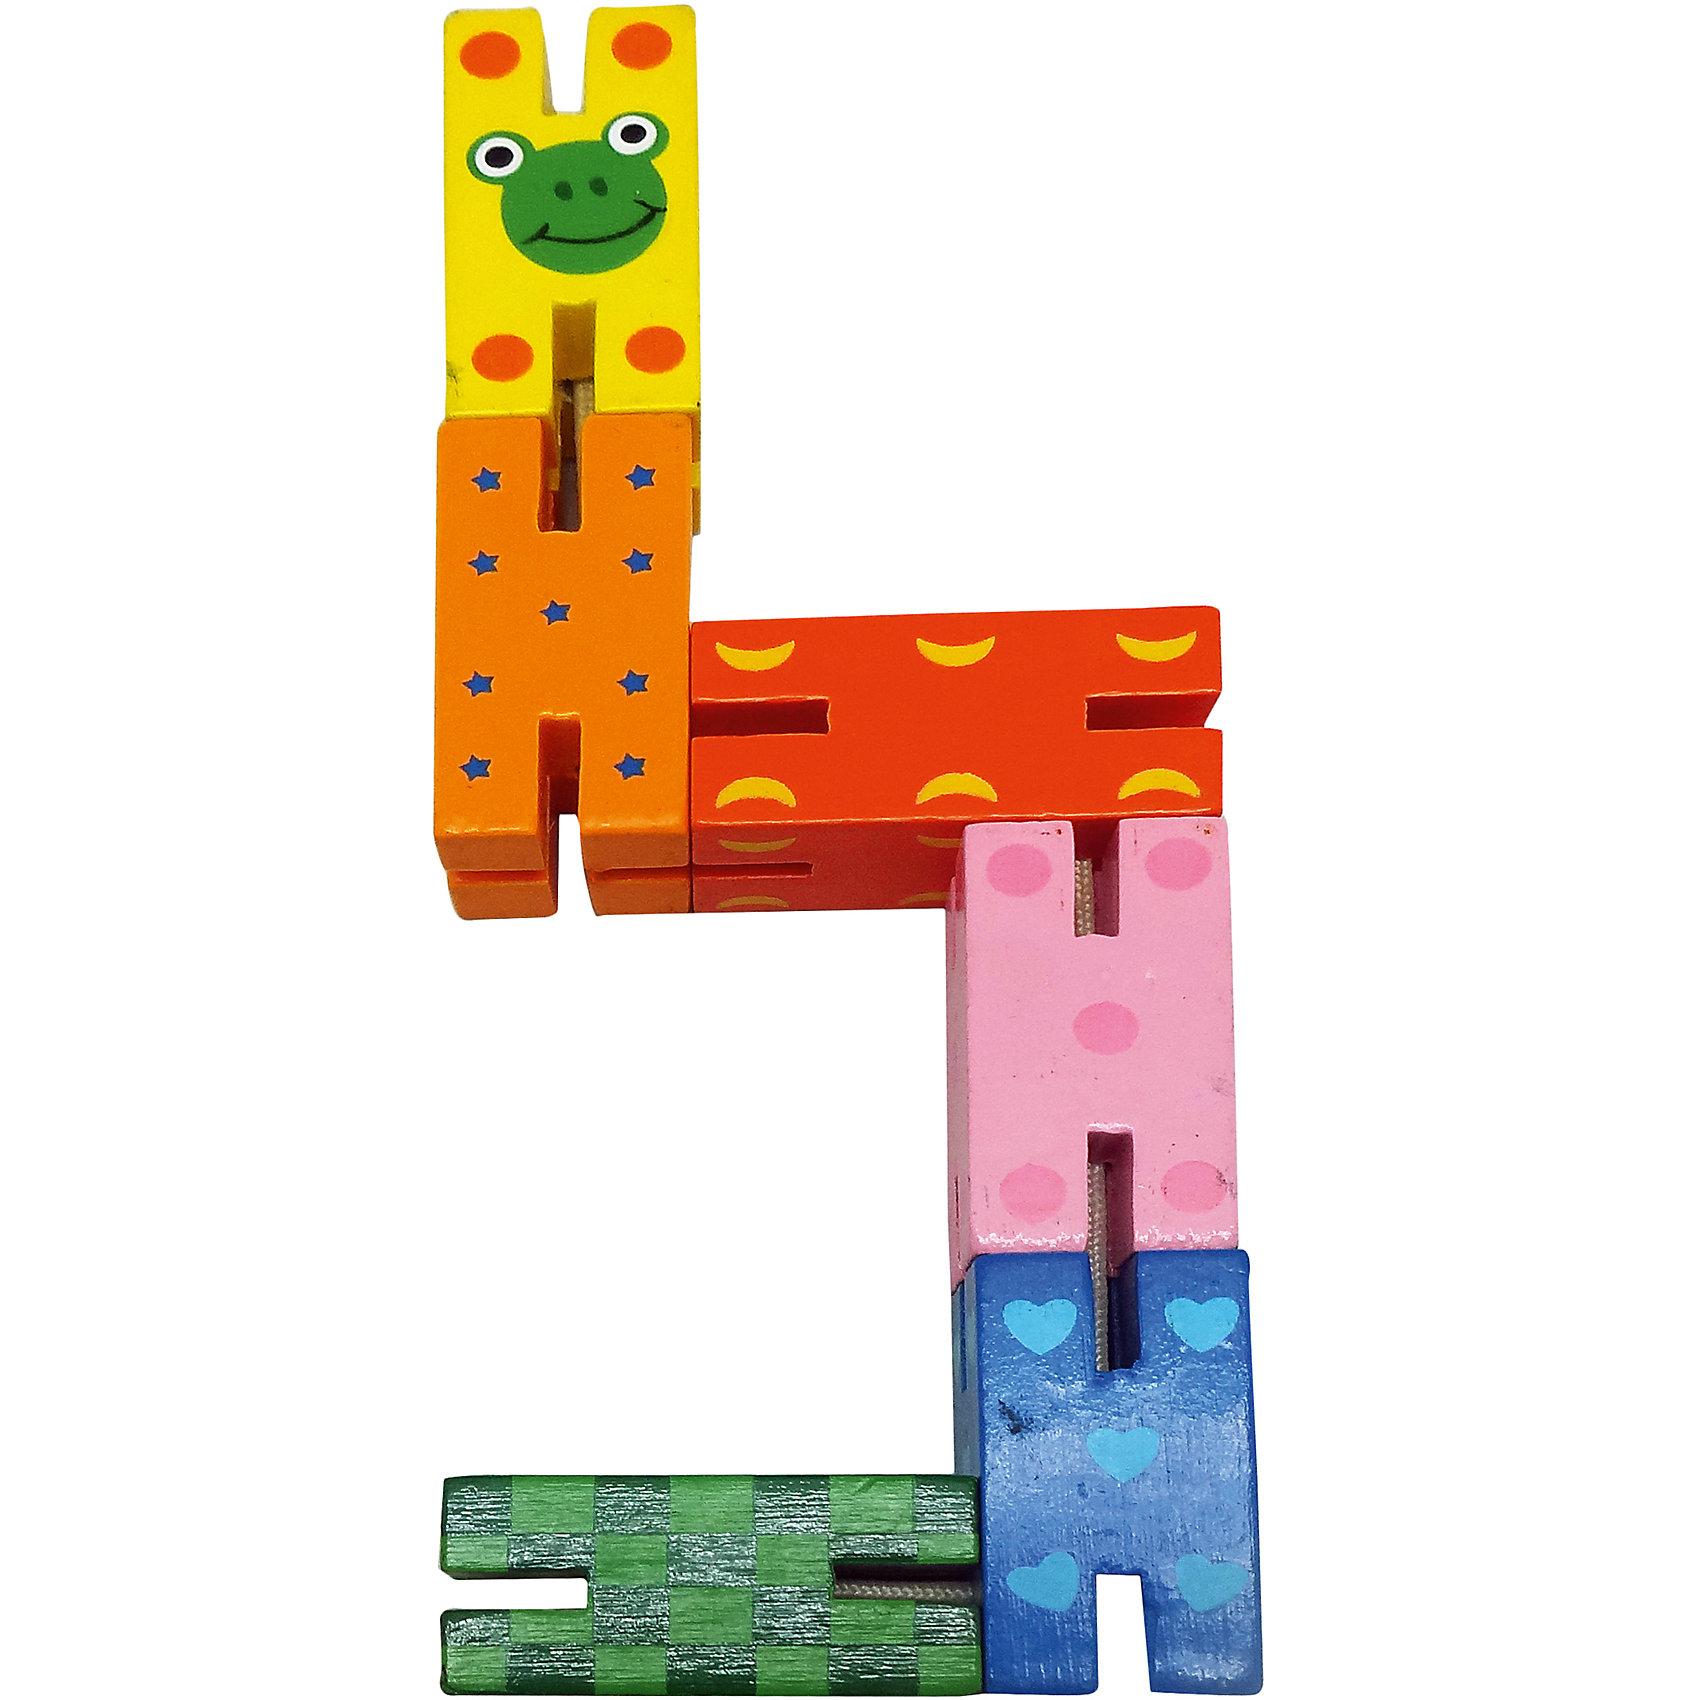 Логическая игрушка Змейка, MapachaРазвивающие игрушки<br>Логические игрушки – необходимая позиция в детской комнате для нормального и стабильного развития малыша. «Змейка» - игрушка на составление одной фигуры из нескольких мелких деталей. Модель развивает воображение, мелкую моторику и творческие способности малыша. Компания Mapacha – абсолютный лидер по производству экологически чистых игрушек для детей ясельного возраста. Материалы, использованные при изготовлении товара, абсолютно безопасны и отвечают всем международным требованиям по качеству.<br><br>Дополнительные характеристики:<br><br>материал: натуральное дерево;<br>цвет: разноцветный;<br>количество: 6 сегментов;<br>габариты: 8 X 2 X 19 см.<br><br>Логическую игрушку «Змейка» от компании Mapacha можно приобрести в нашем магазине.<br><br>Ширина мм: 535<br>Глубина мм: 200<br>Высота мм: 385<br>Вес г: 51<br>Возраст от месяцев: 36<br>Возраст до месяцев: 72<br>Пол: Унисекс<br>Возраст: Детский<br>SKU: 5032497